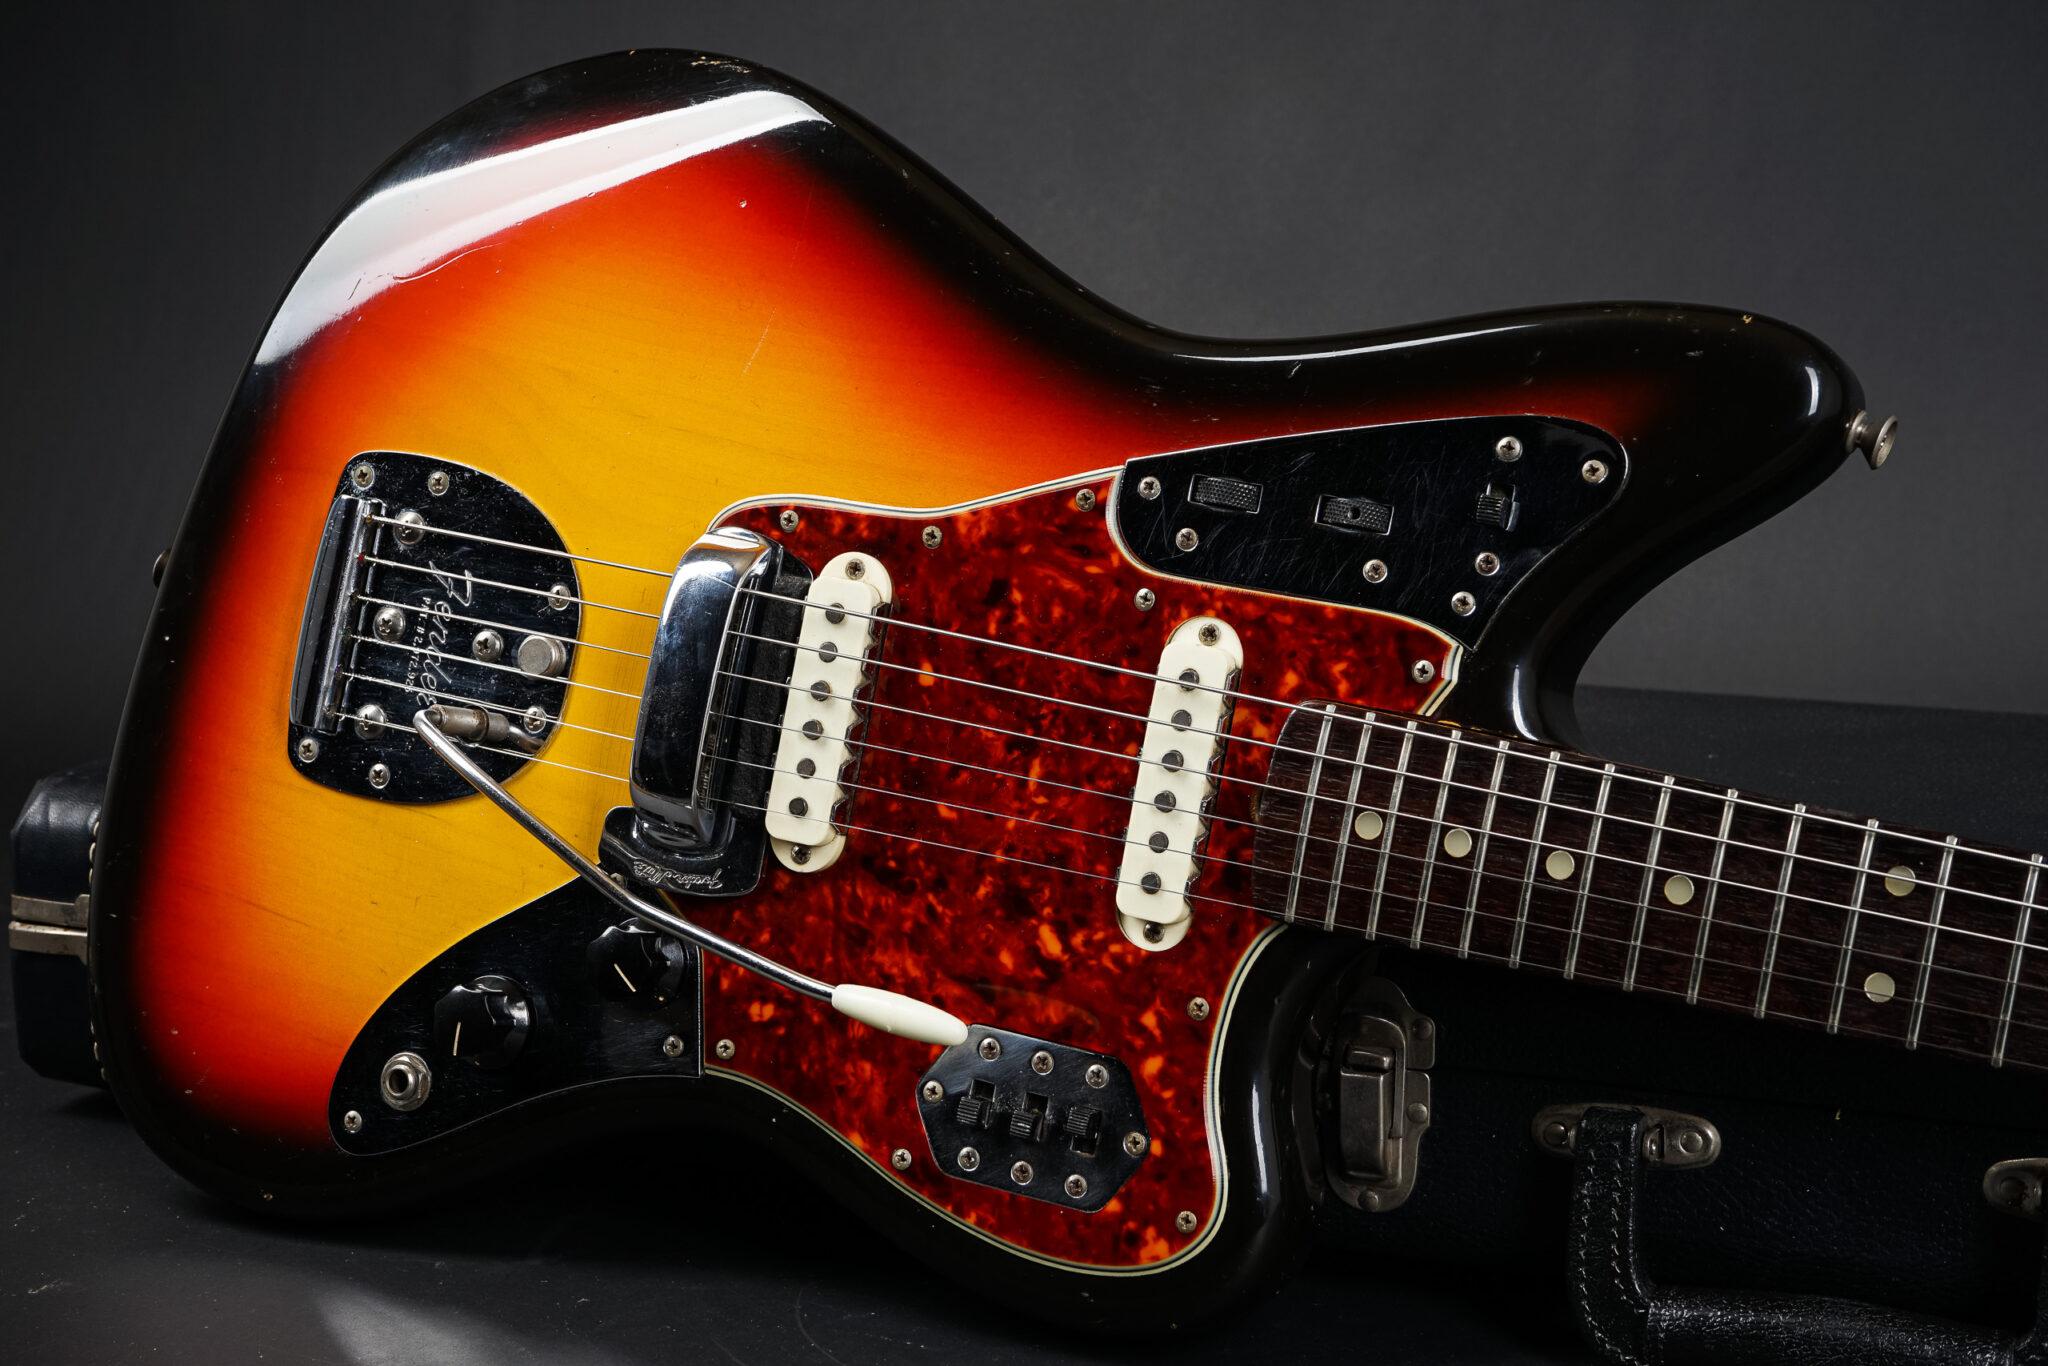 https://guitarpoint.de/app/uploads/products/1965-fender-jaguar-sunburst-2/1965-Fender-Jaguar-Sunburst-L96184-11-2048x1366.jpg